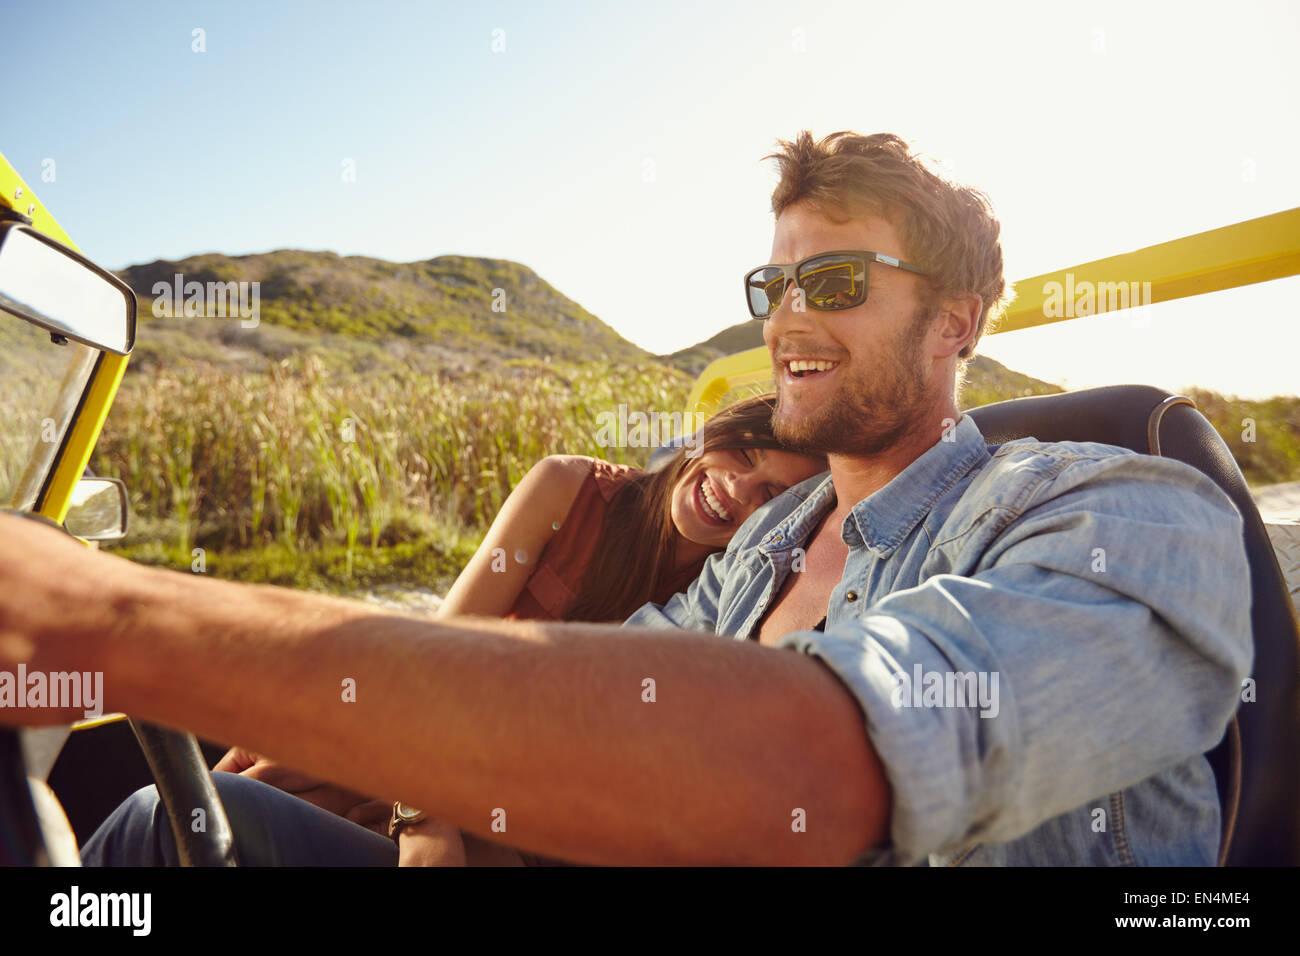 Felice coppia giovane di andare in vacanza insieme in auto. Amare giovane godendo di un viaggio. Immagini Stock